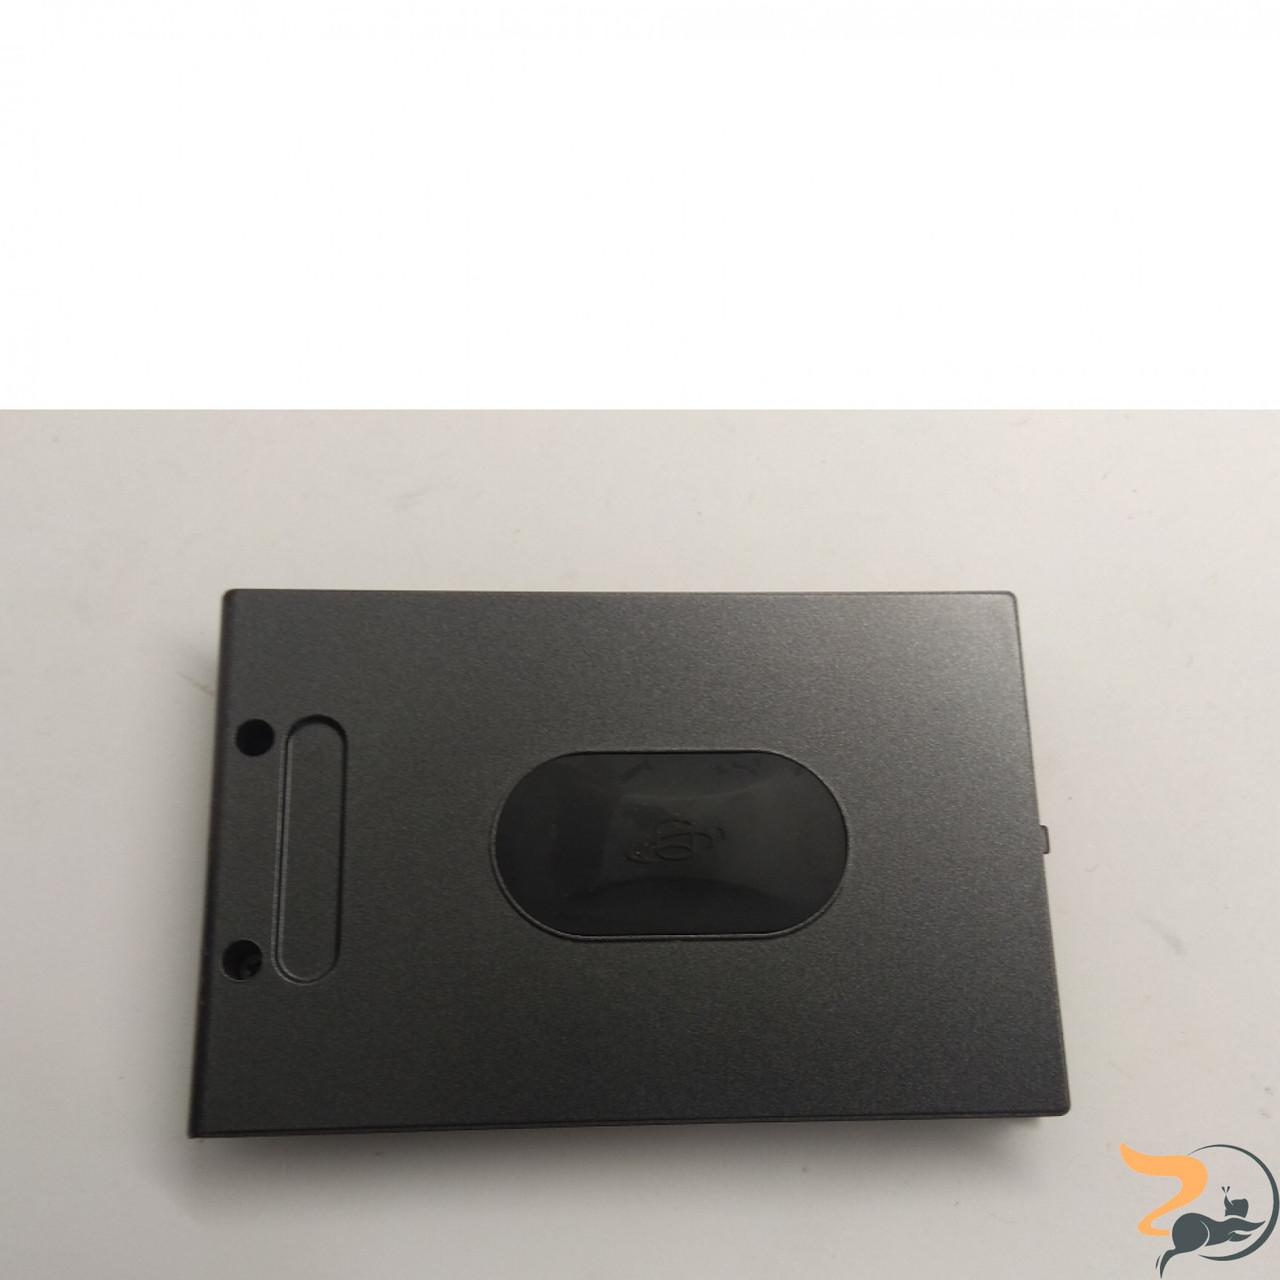 Сервісна кришка для ноутбука Asus M6000, Б/В. В хорошому стані, без пошкоджень. Є подряпини та потертості.